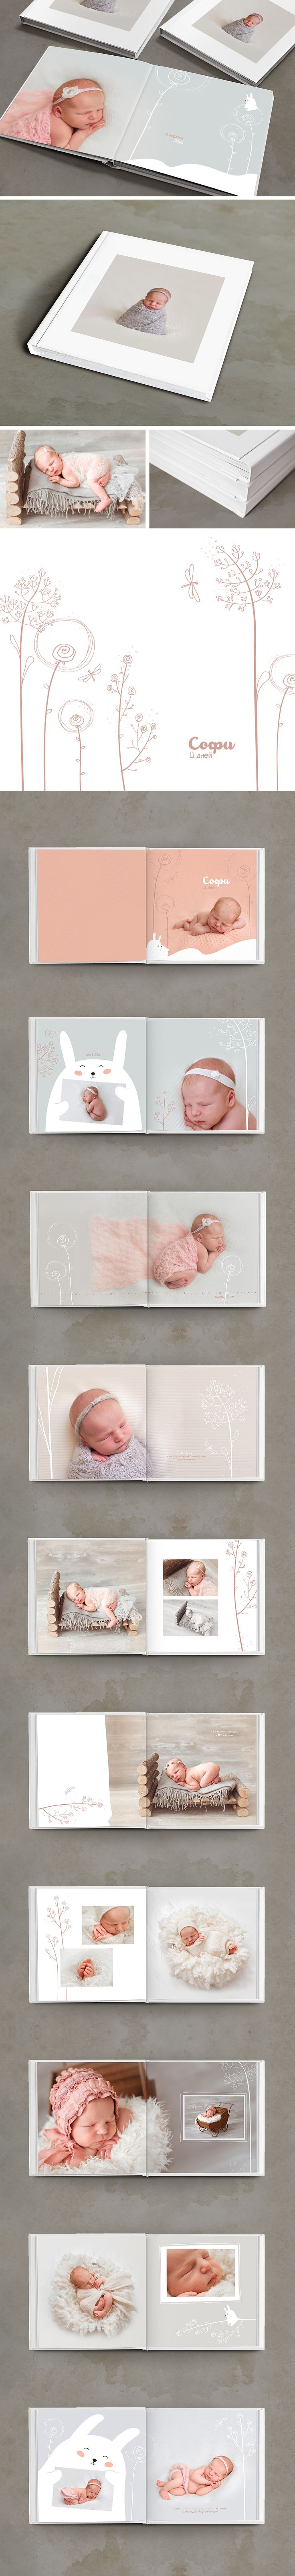 Newborn Album (design, illustration) / Фотоальбом новорожденного: дизайн, иллюстрации (частный заказ).  Фотографии выполнены детским фотографом Екатериной Елагиной